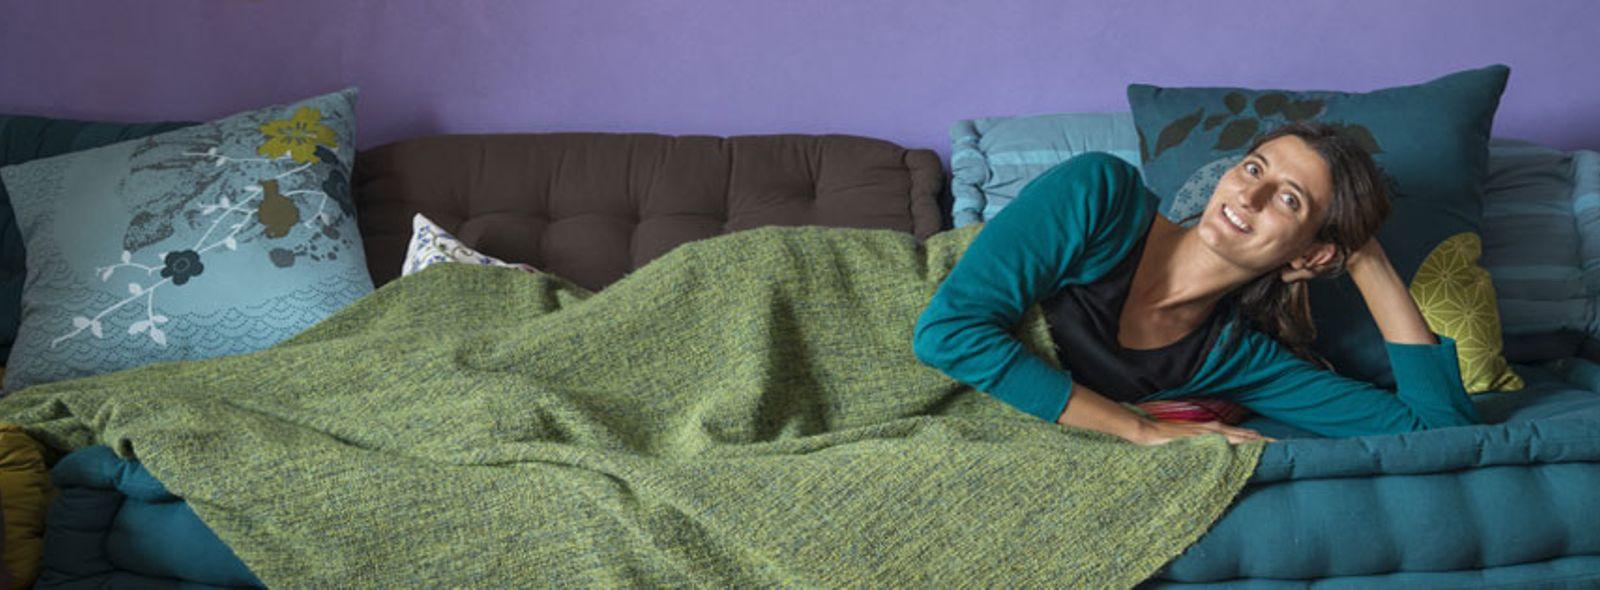 Come funziona il Couchsurfing